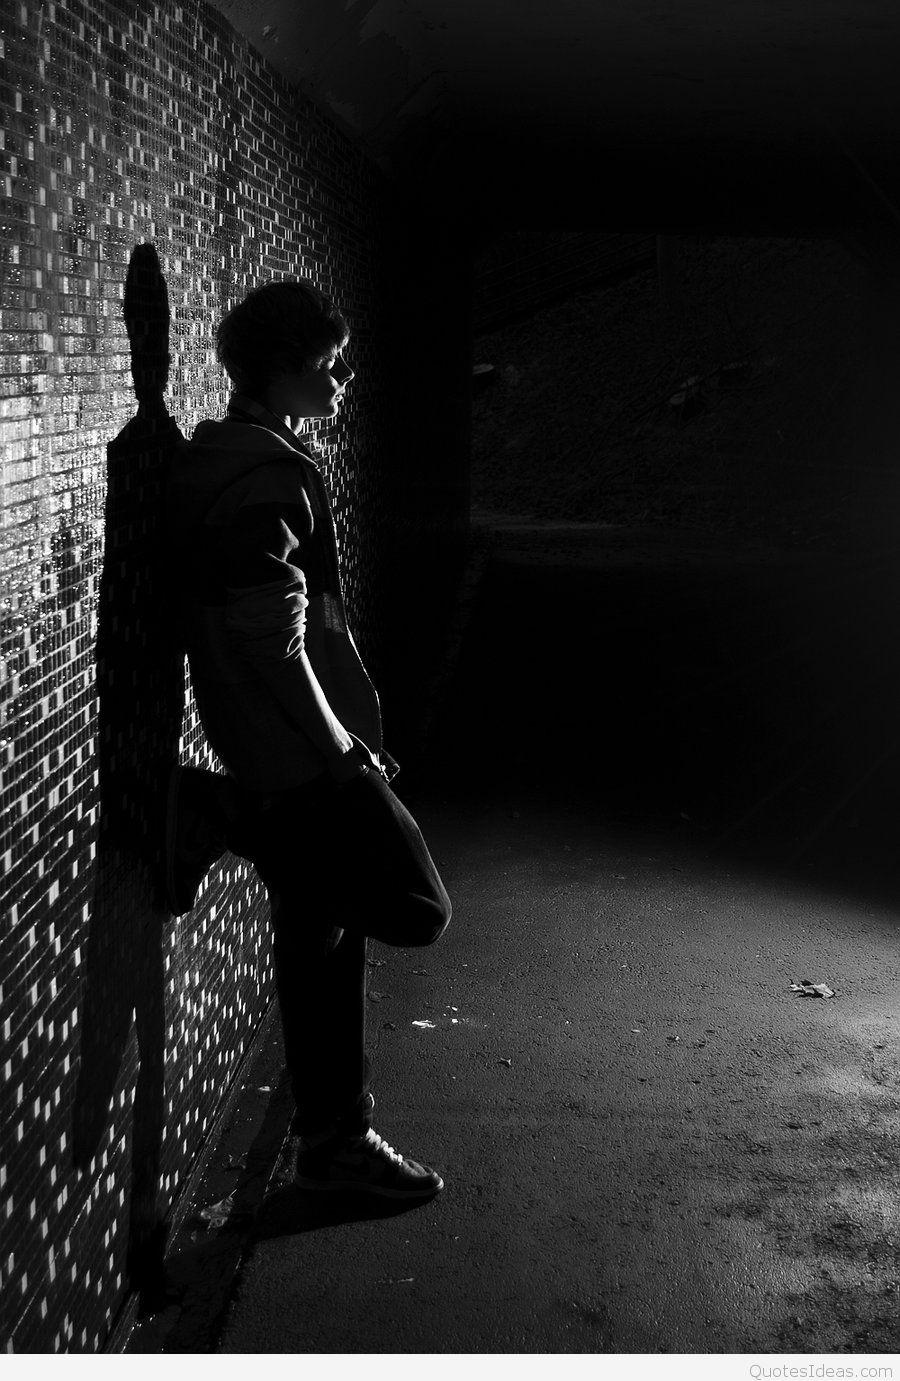 I Miss U Wallpapers Sad Boy Hd Free Miss You Alone